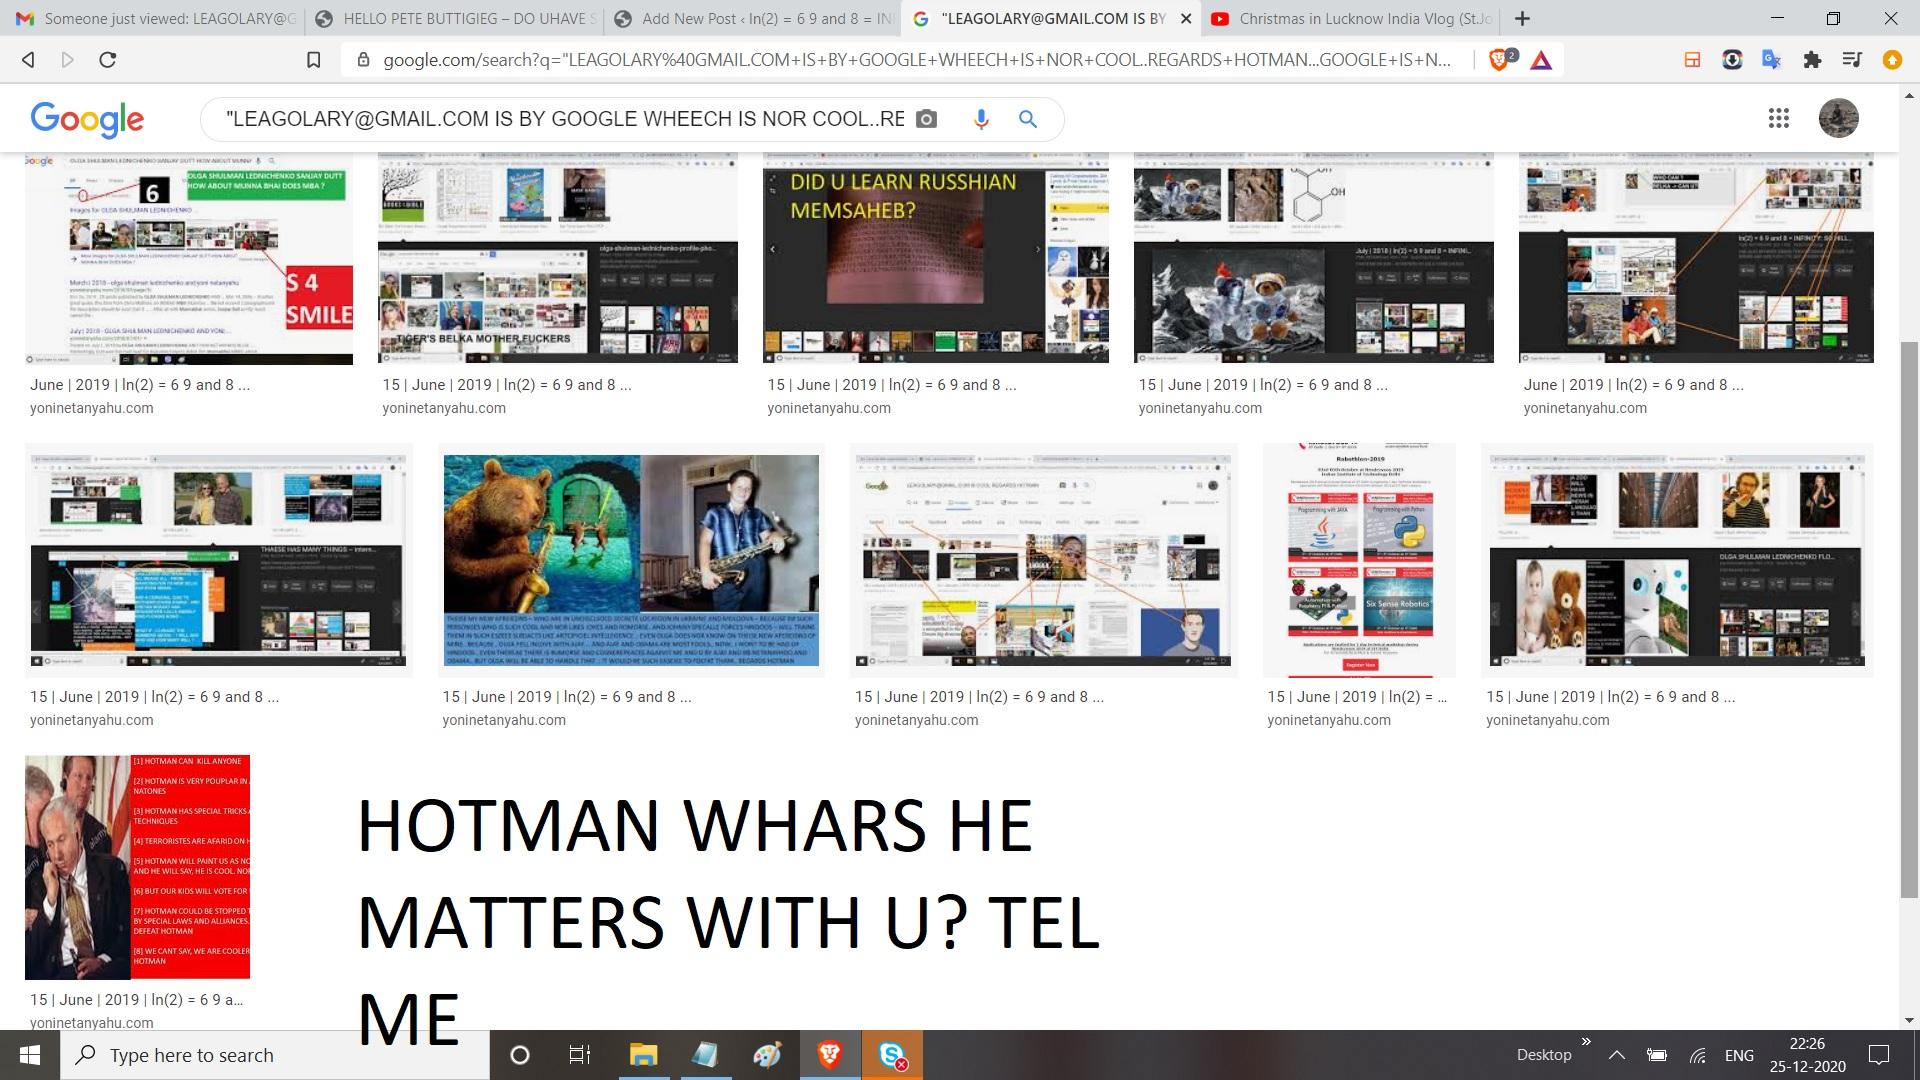 HOTMAN WHASRS LEAGLODAY TELL ME